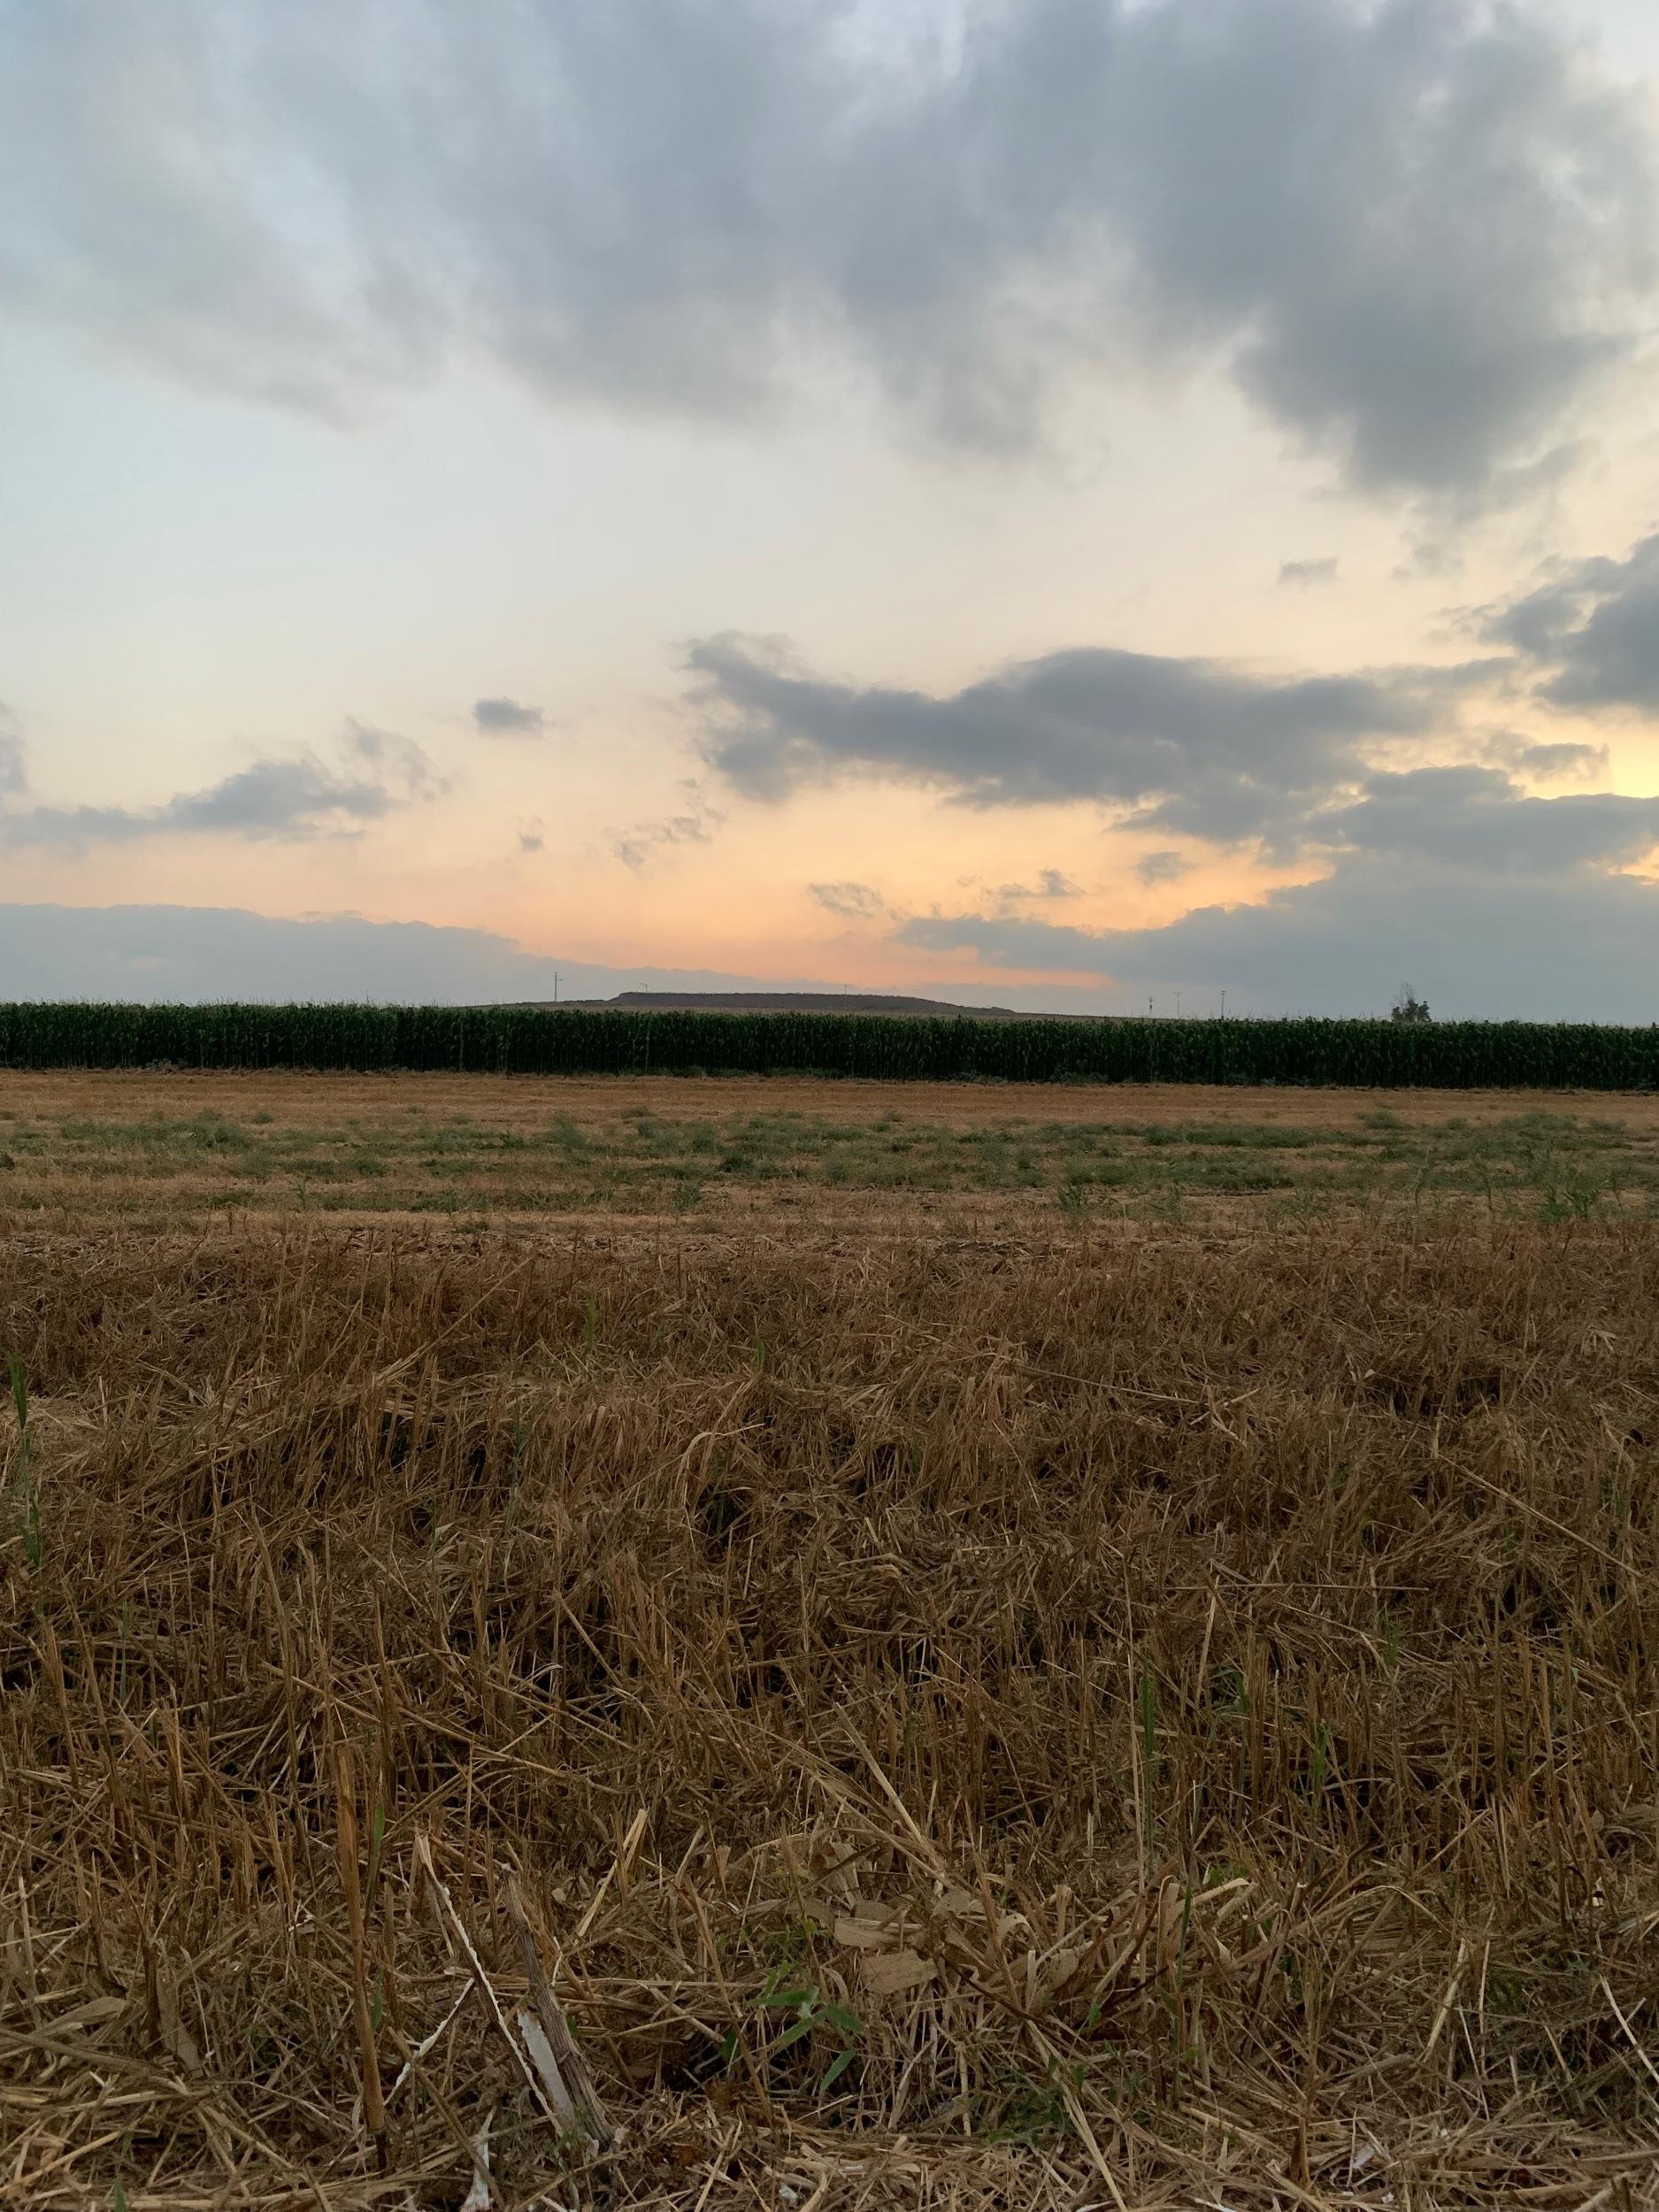 Mizra at sunset